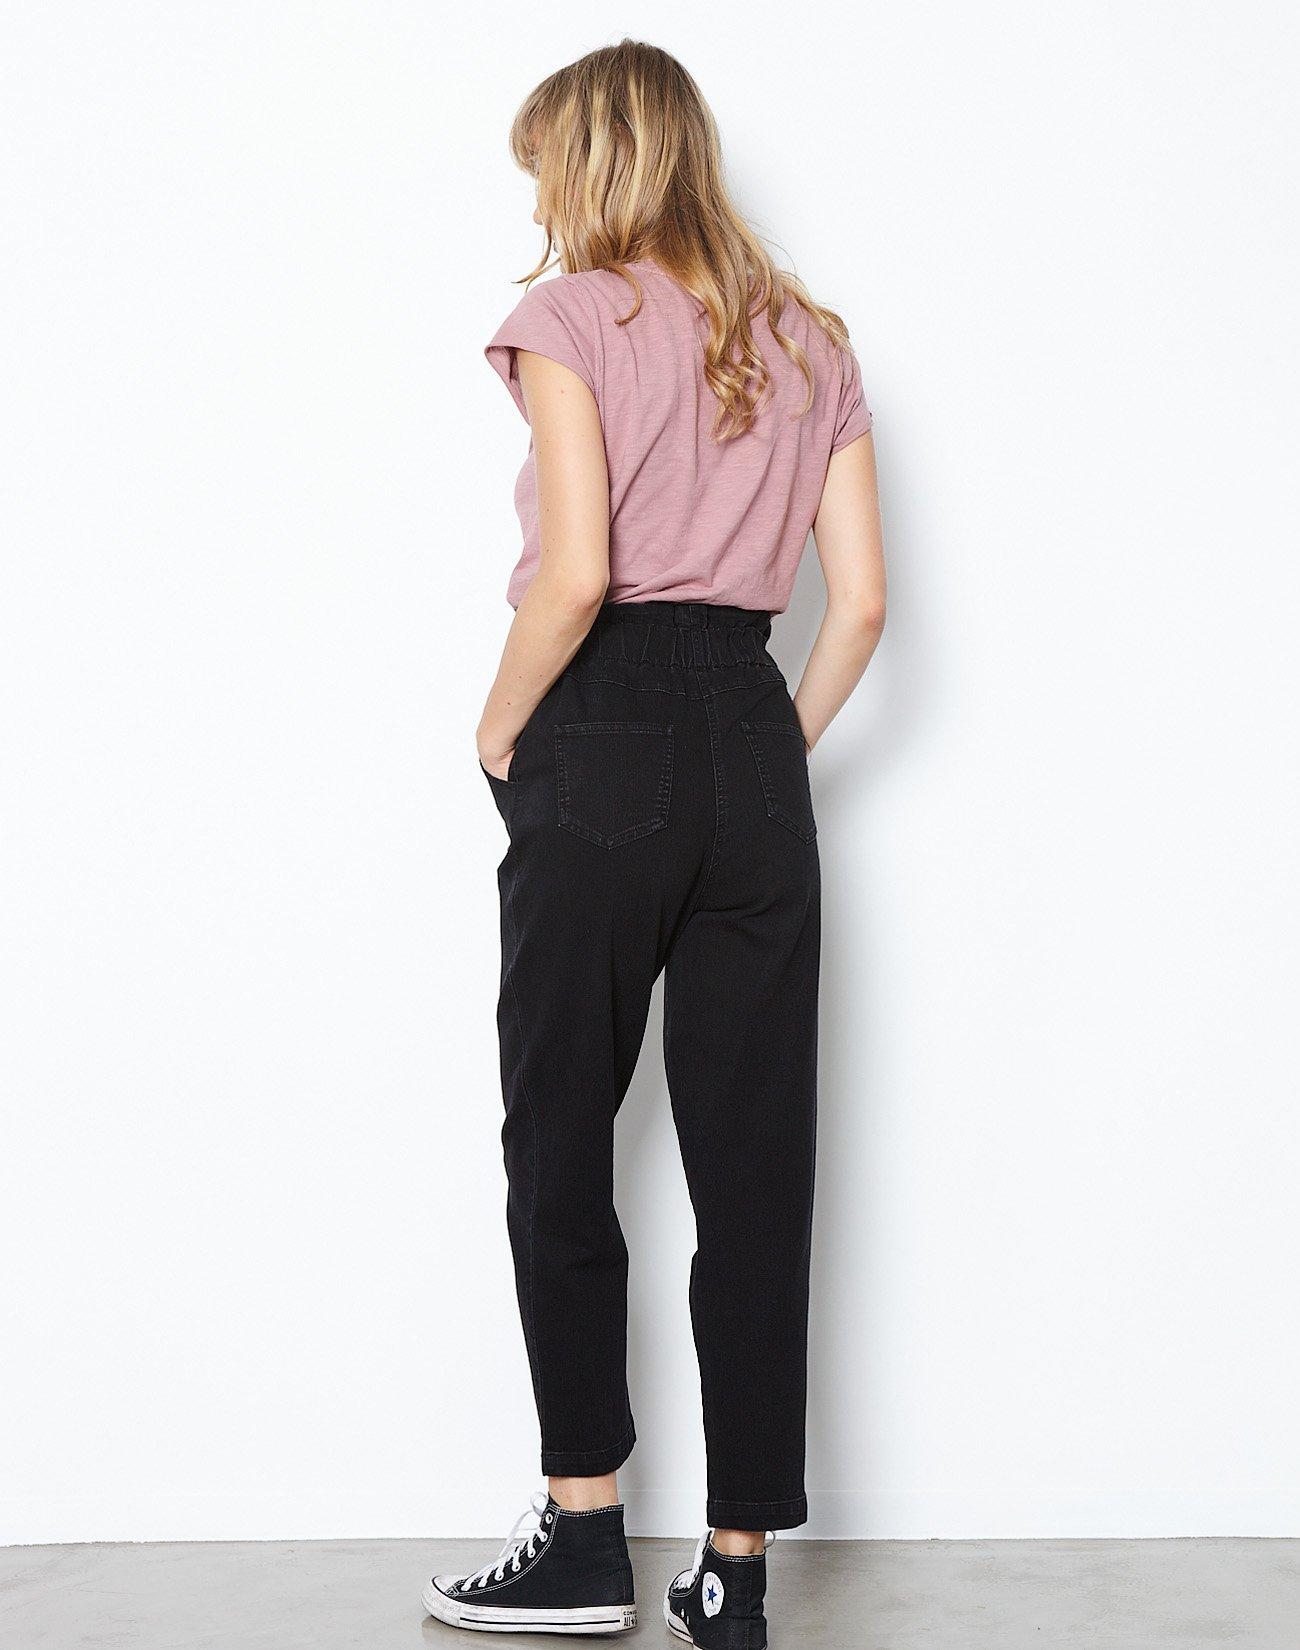 High waist baggy jeans